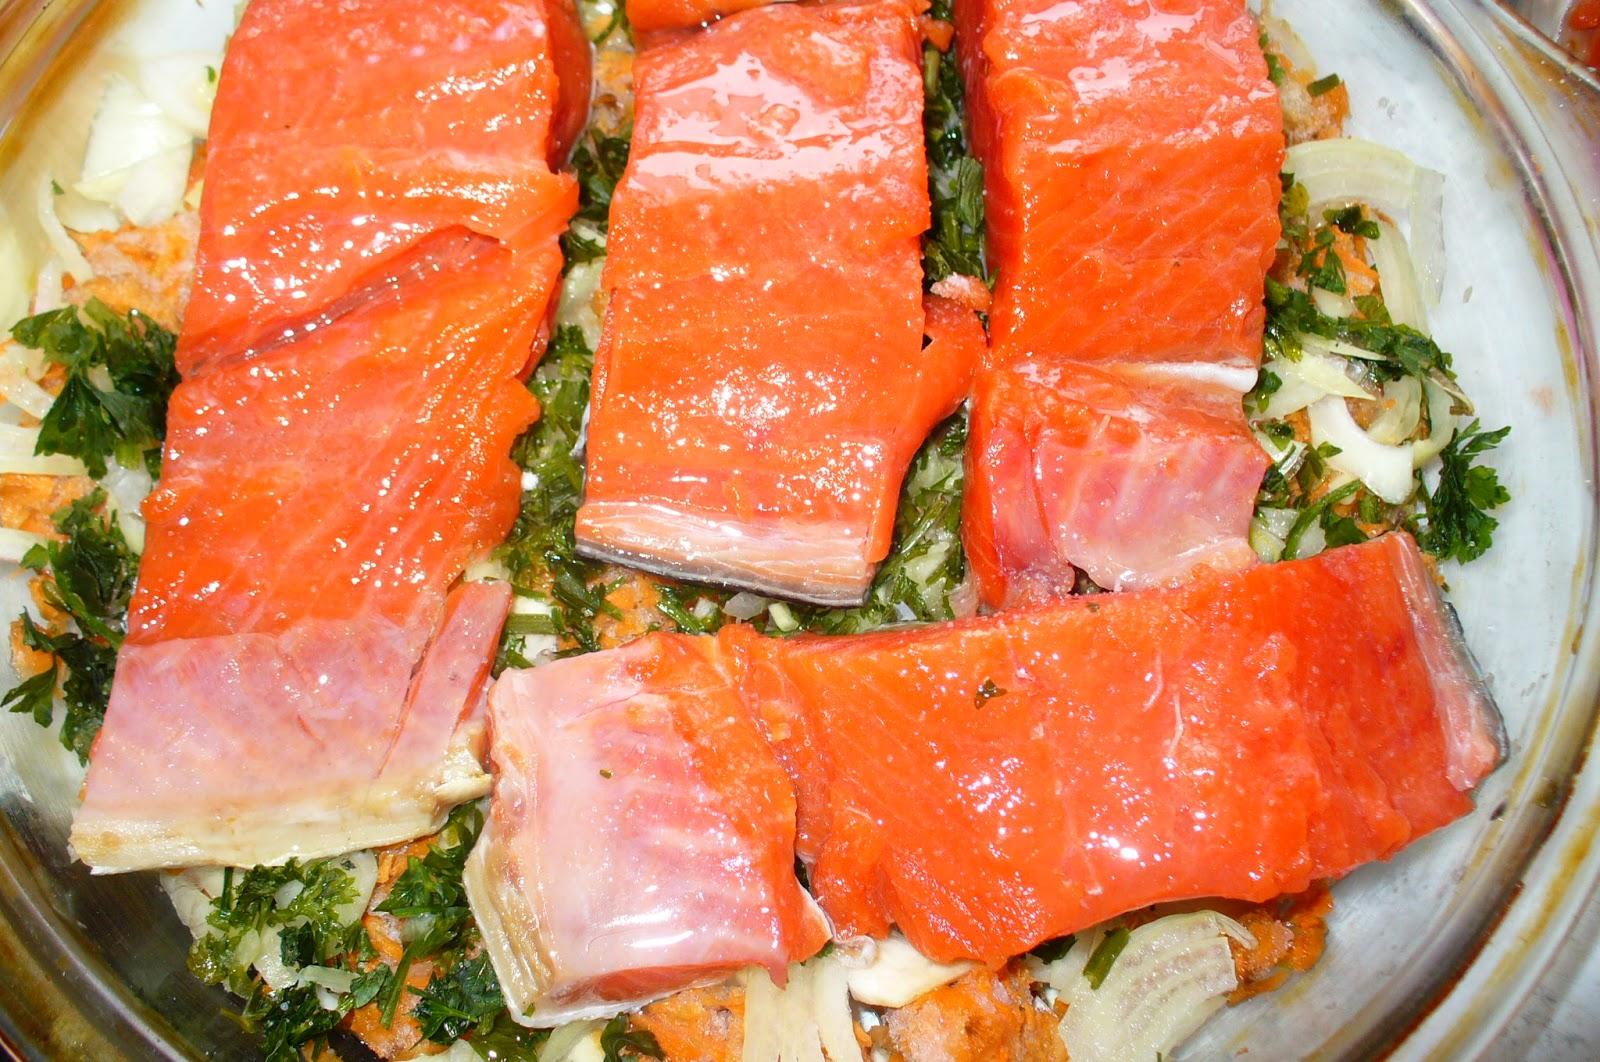 семга с овощами подготовленная для запекания в духовке